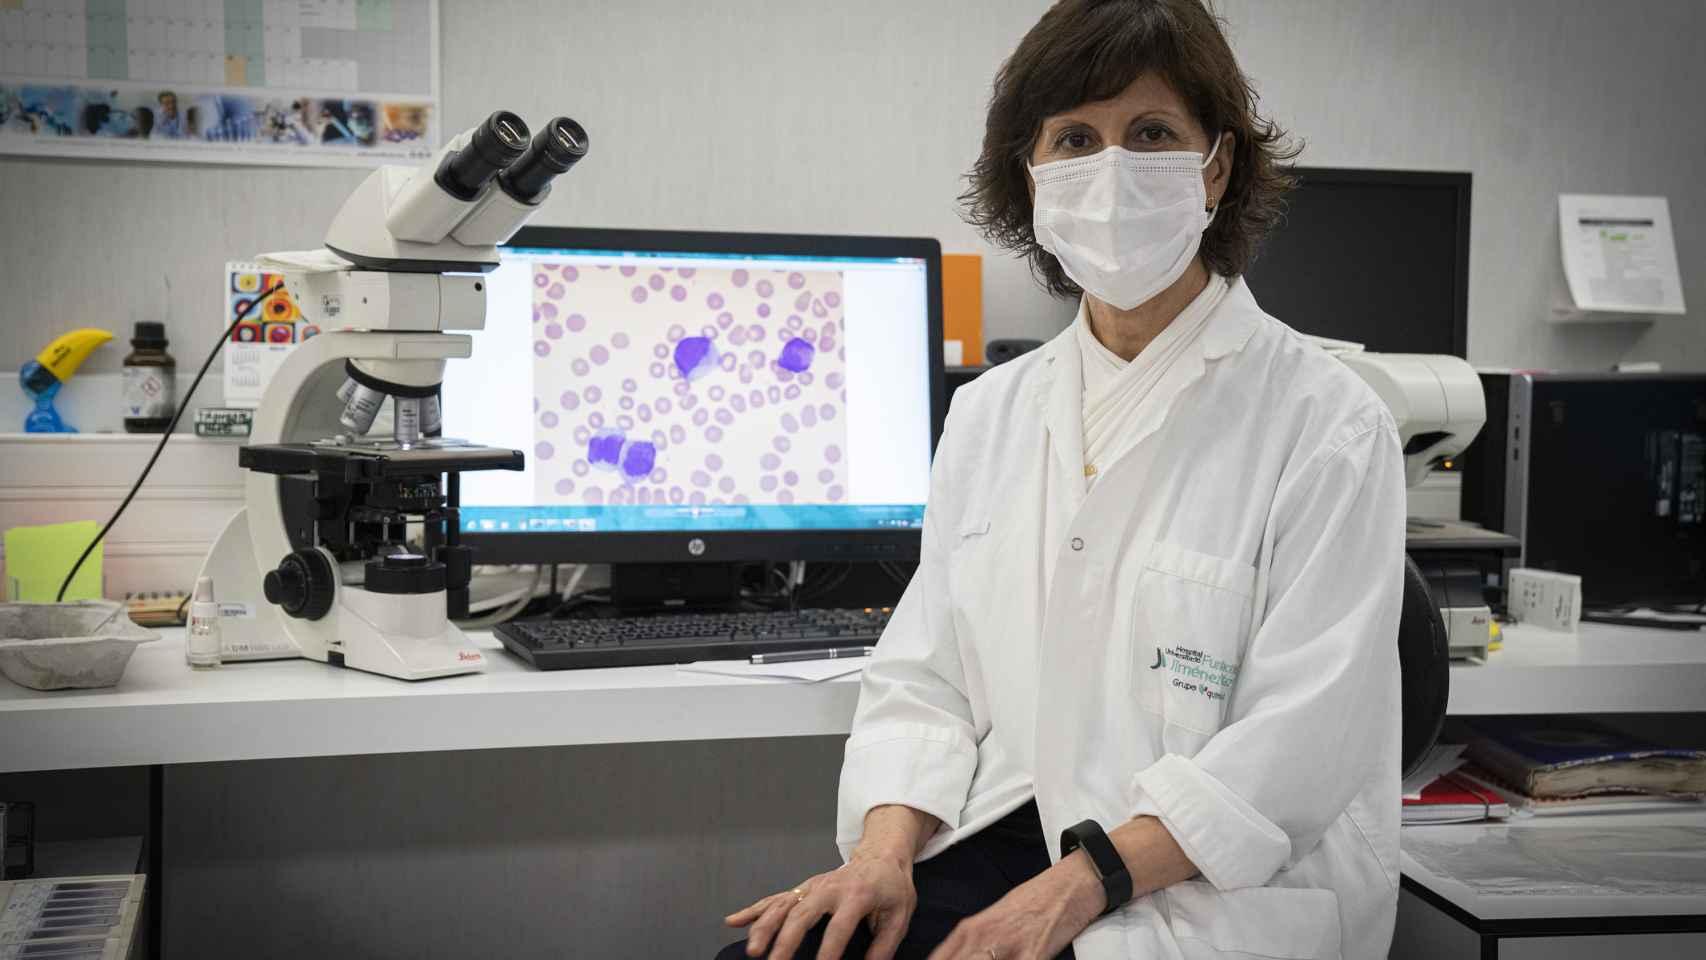 Pilar Llamas, la hematóloga jefa de cuatro hospitales, en el laboratorio de la Fundación Jiménez Díaz.